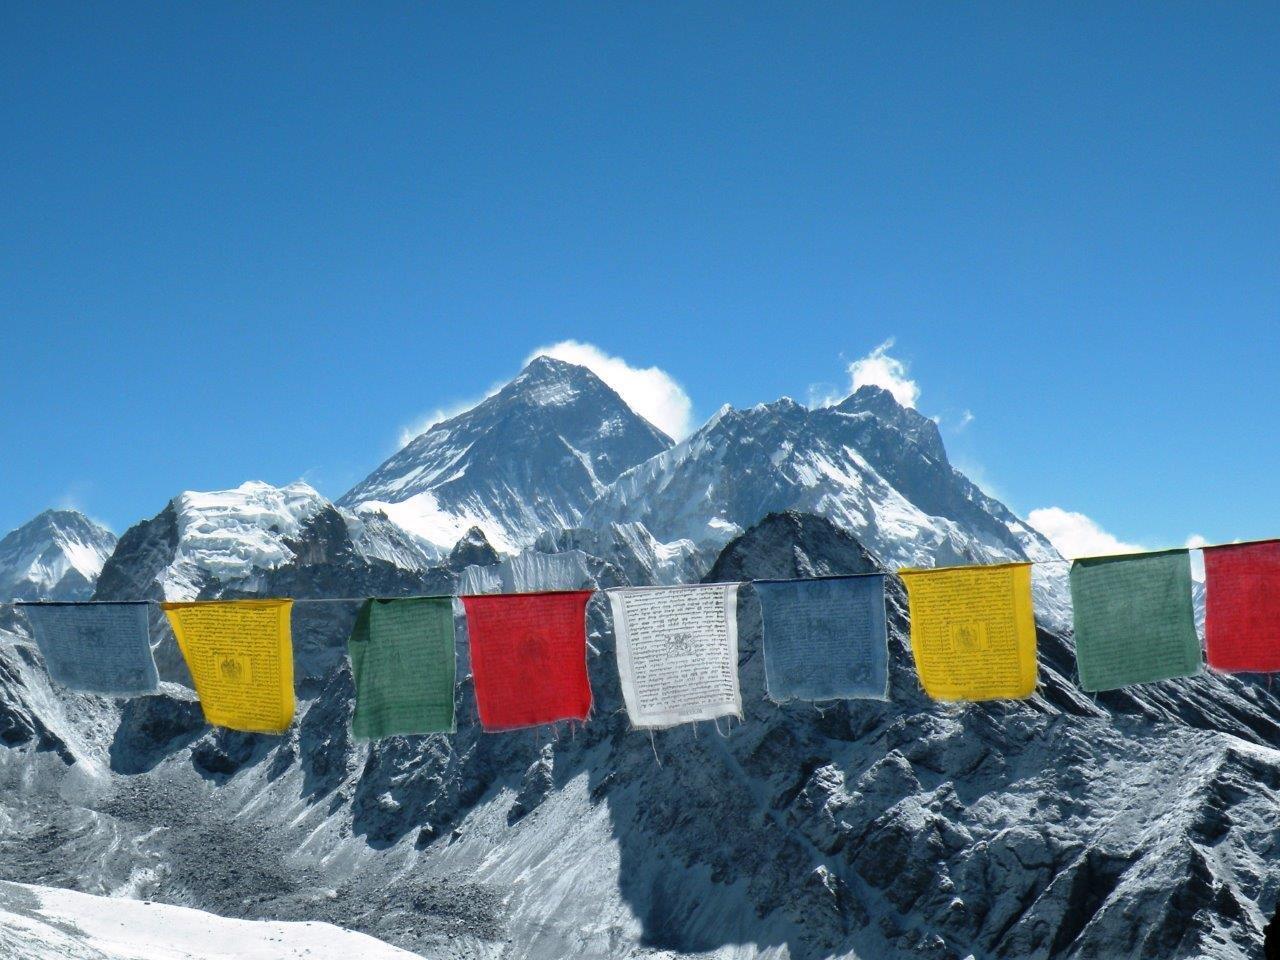 GOKIO RI Jota Marincek 190 81 - Trekkings: muito além do Nepal e do Everest. Conheça as opções!